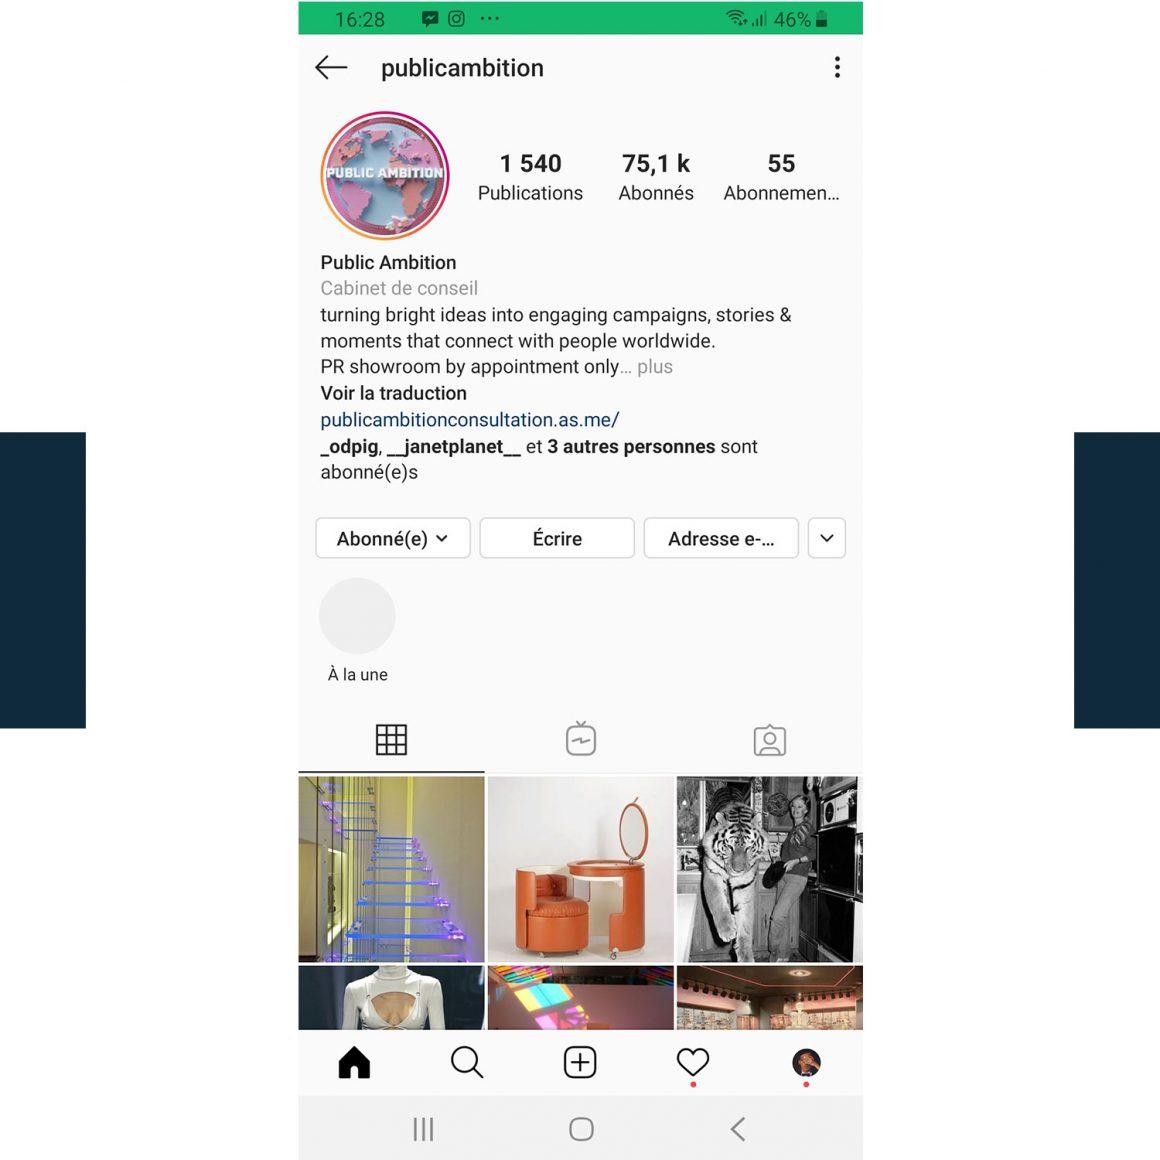 Capture d'écran du compte Instagram @publicambition